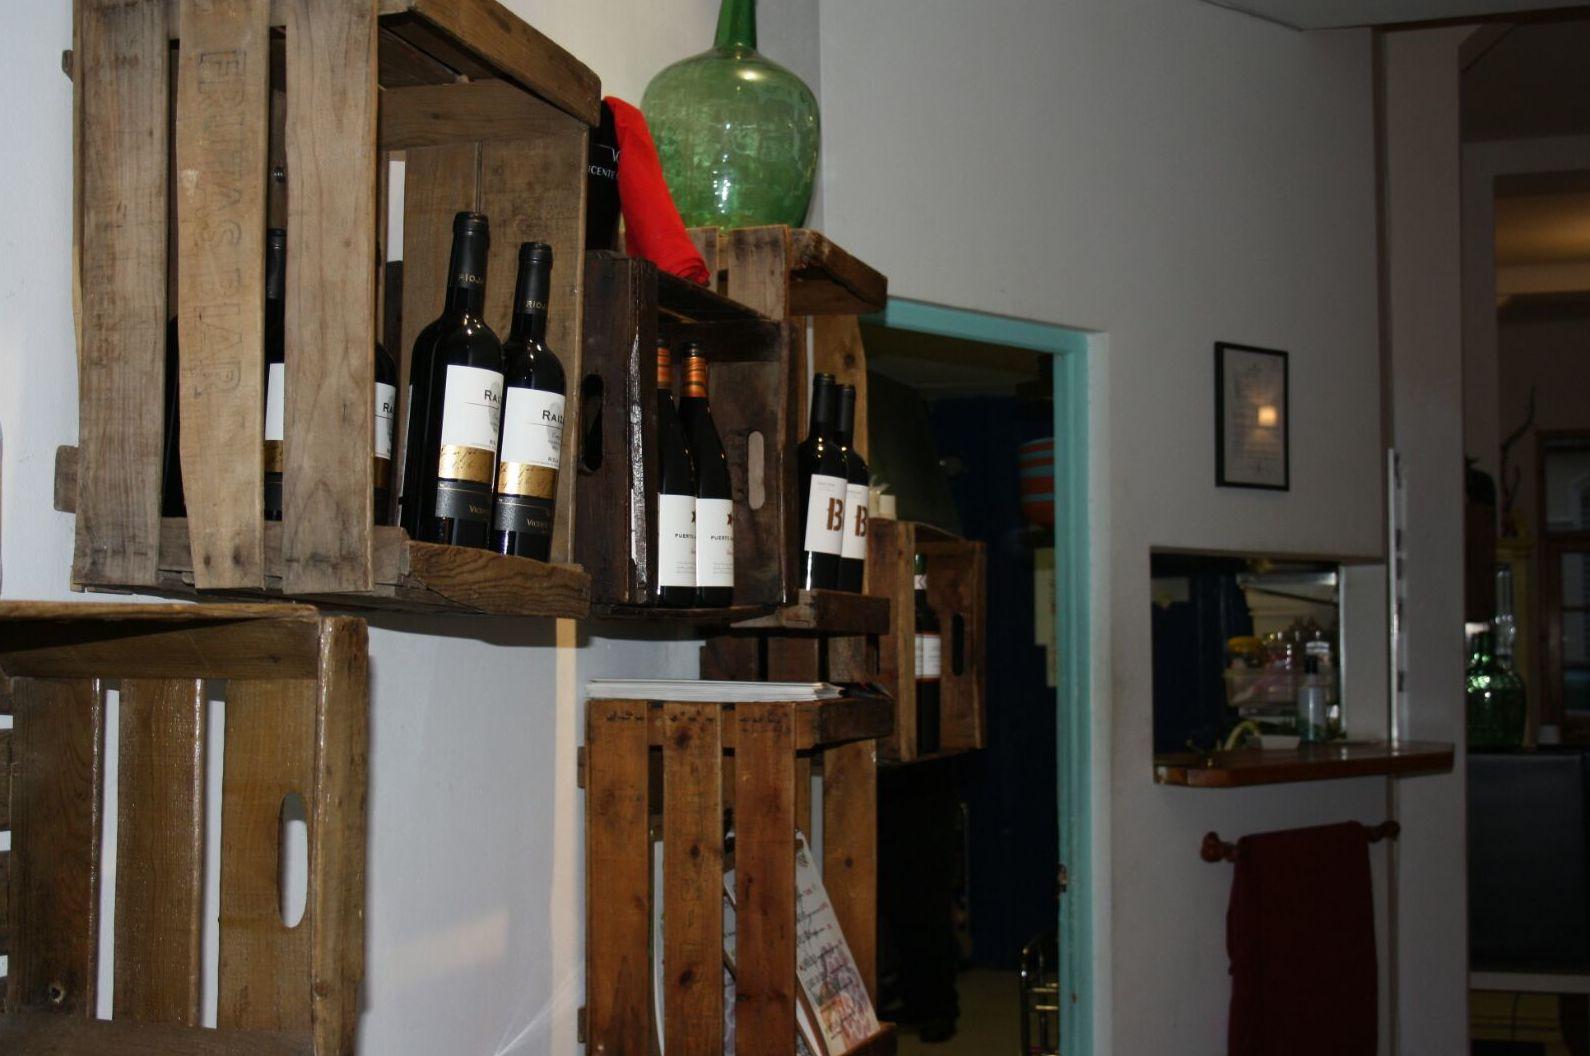 Carta de vinos seleccionados